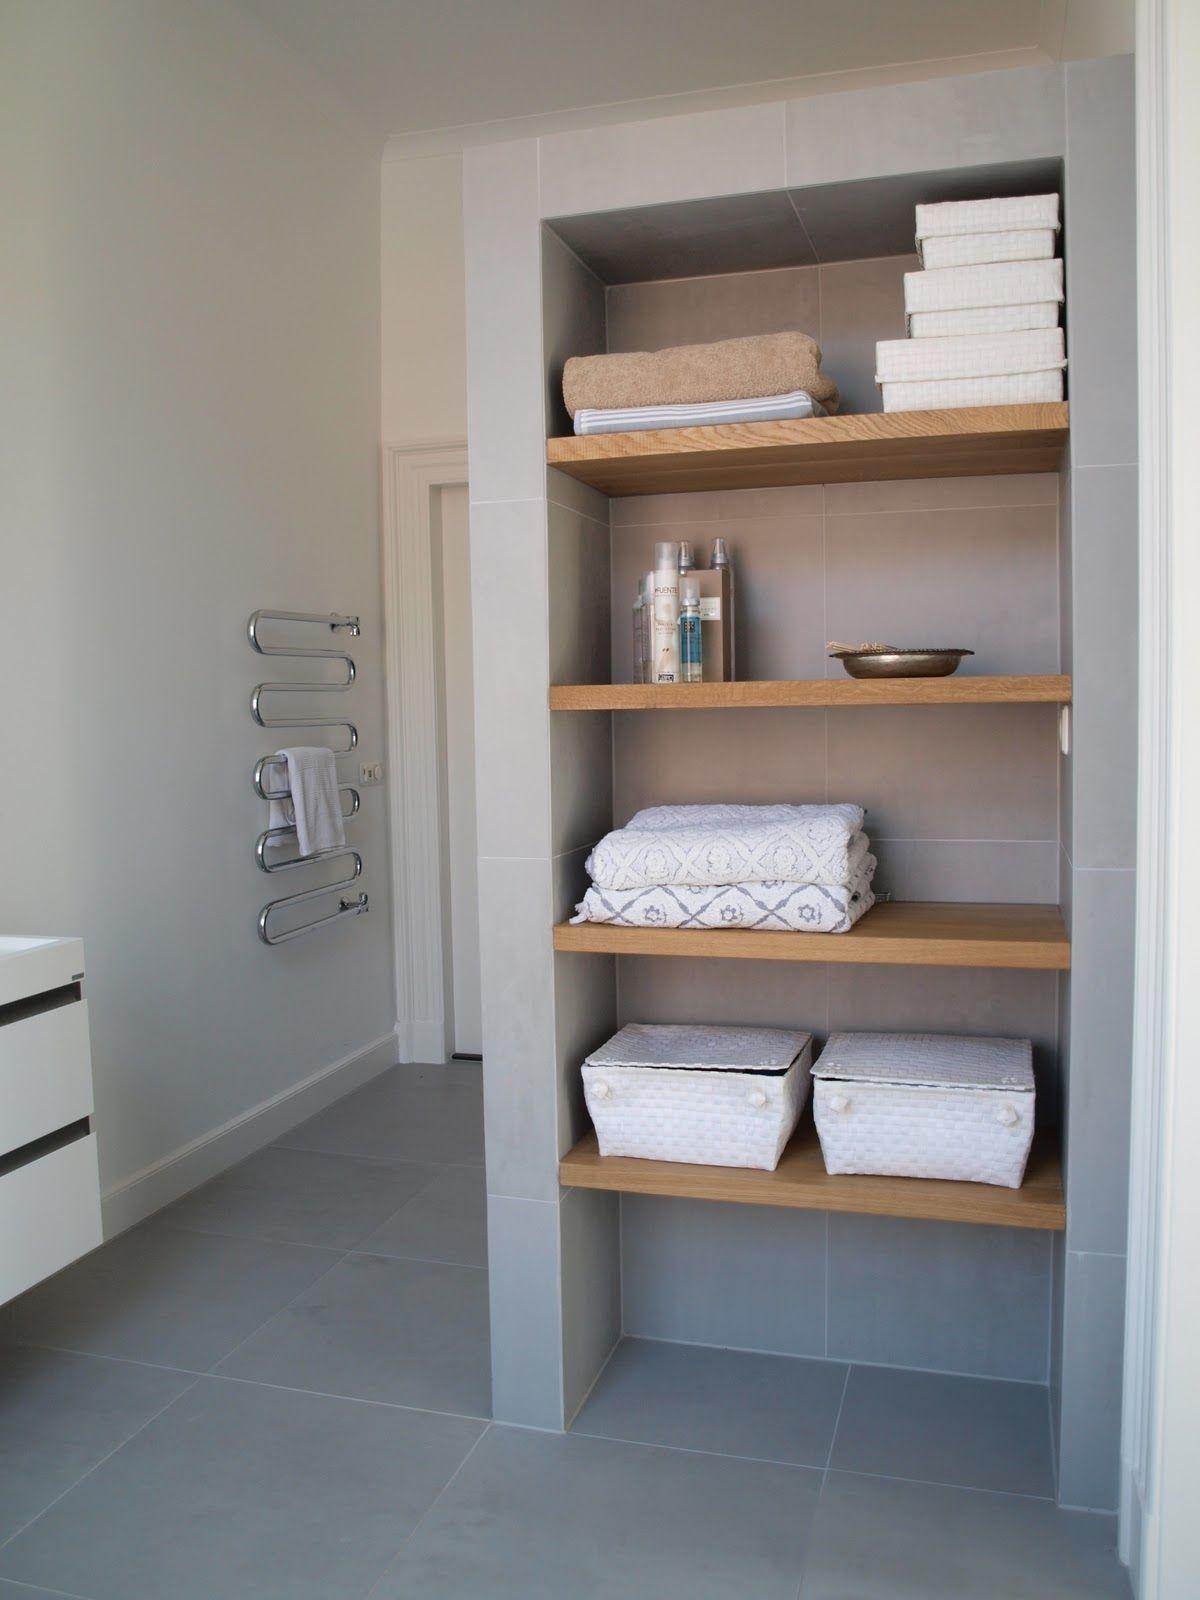 Complete badkamers | Nische, Badezimmer und Regal